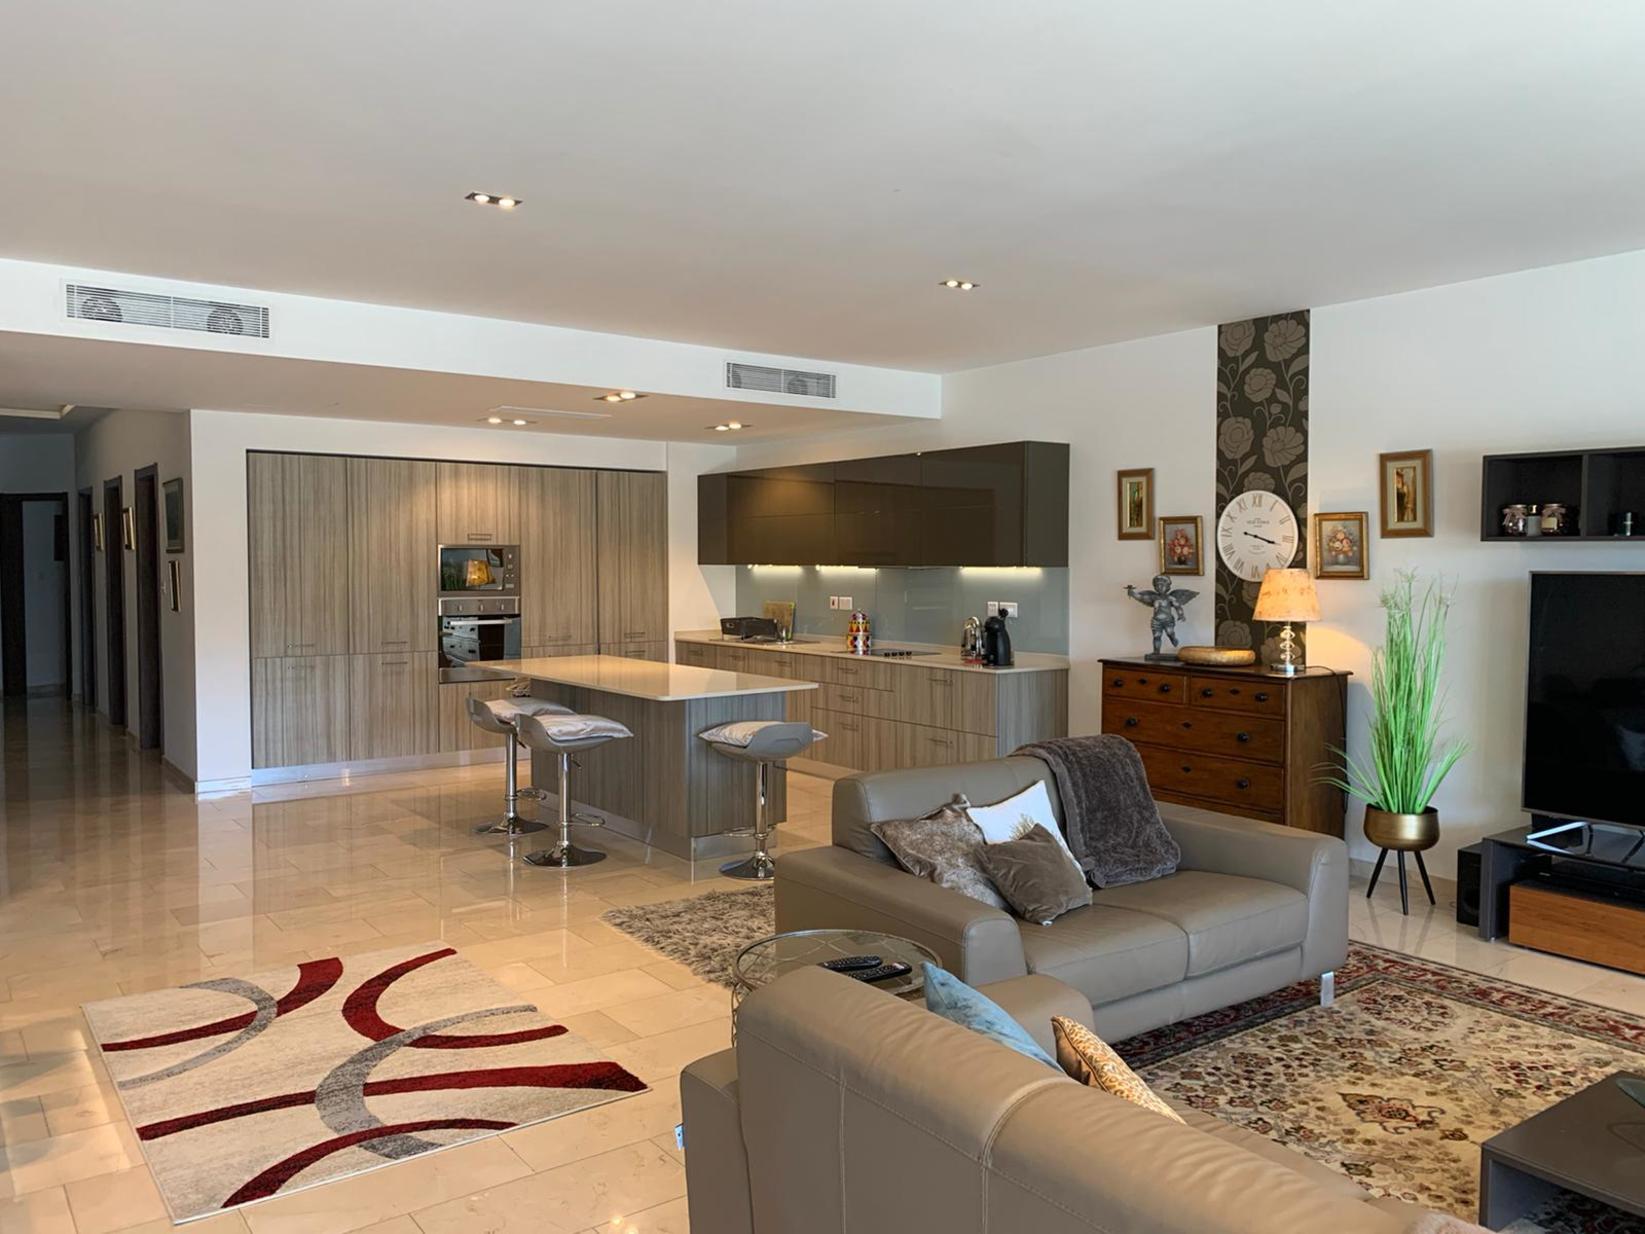 3 bed Apartment For Rent in Ta' Xbiex, Ta' Xbiex - thumb 6